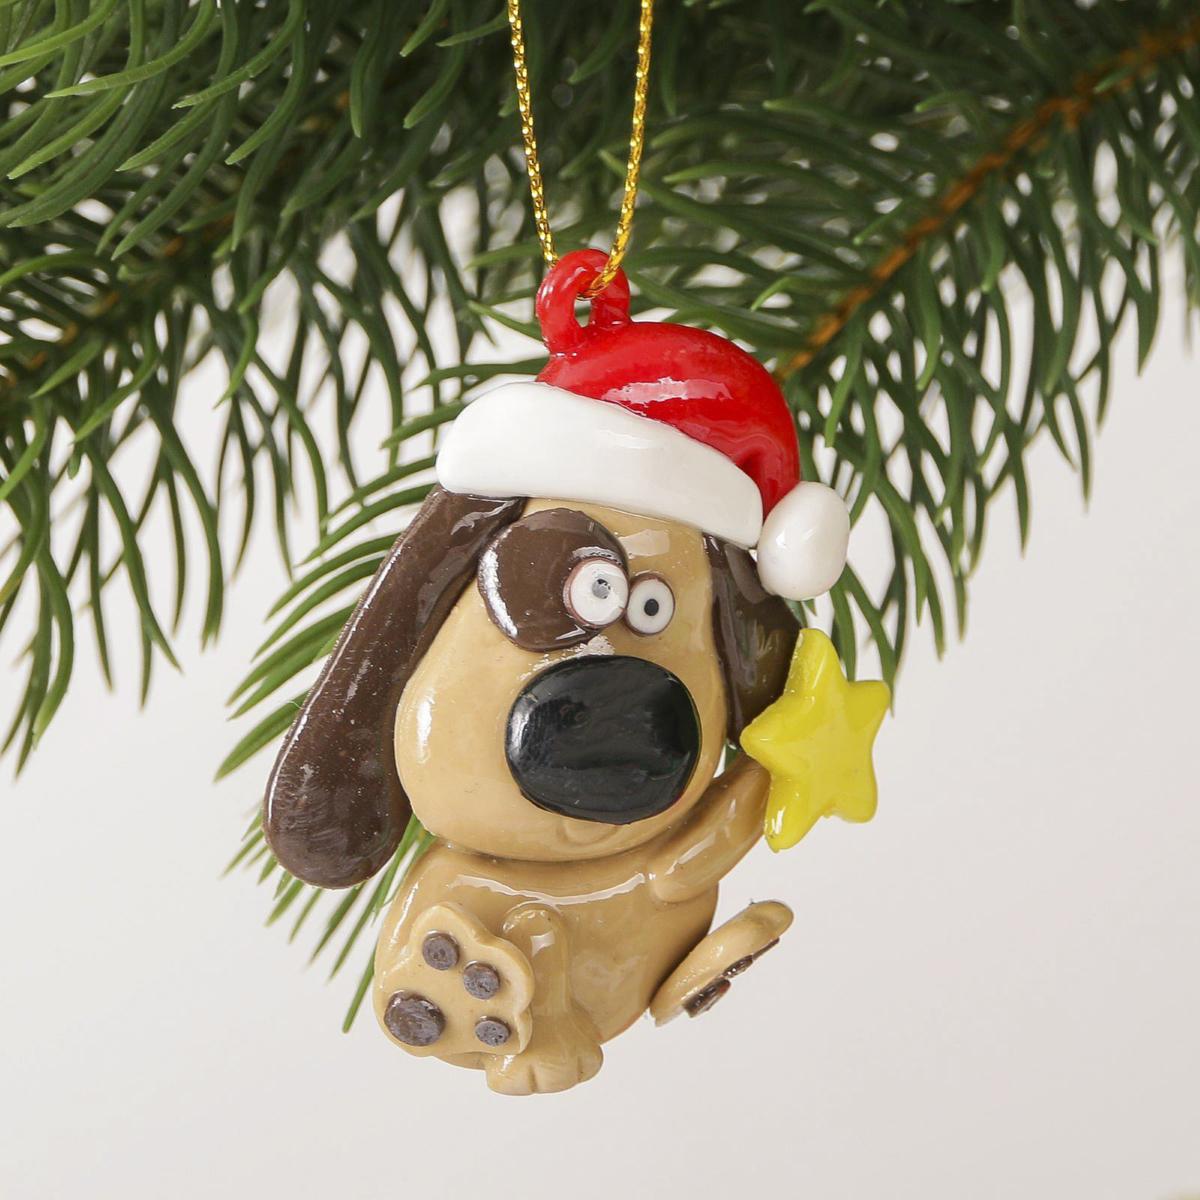 Украшение новогоднее подвесное На счастье, 6 х 6,5 см2323282Новогоднее украшение, выполненное из полирезина, отлично подойдет для декорации вашего дома и новогодней ели. С помощью специальнойпетельки украшение можно повесить в любом понравившемся вам месте. Но, конечно, удачнее всего оно будет смотреться на праздничной елке. Елочная игрушка - символ Нового года. Она несет в себе волшебство и красоту праздника. Такое украшение создаст в вашем домеатмосферу праздника, веселья и радости.